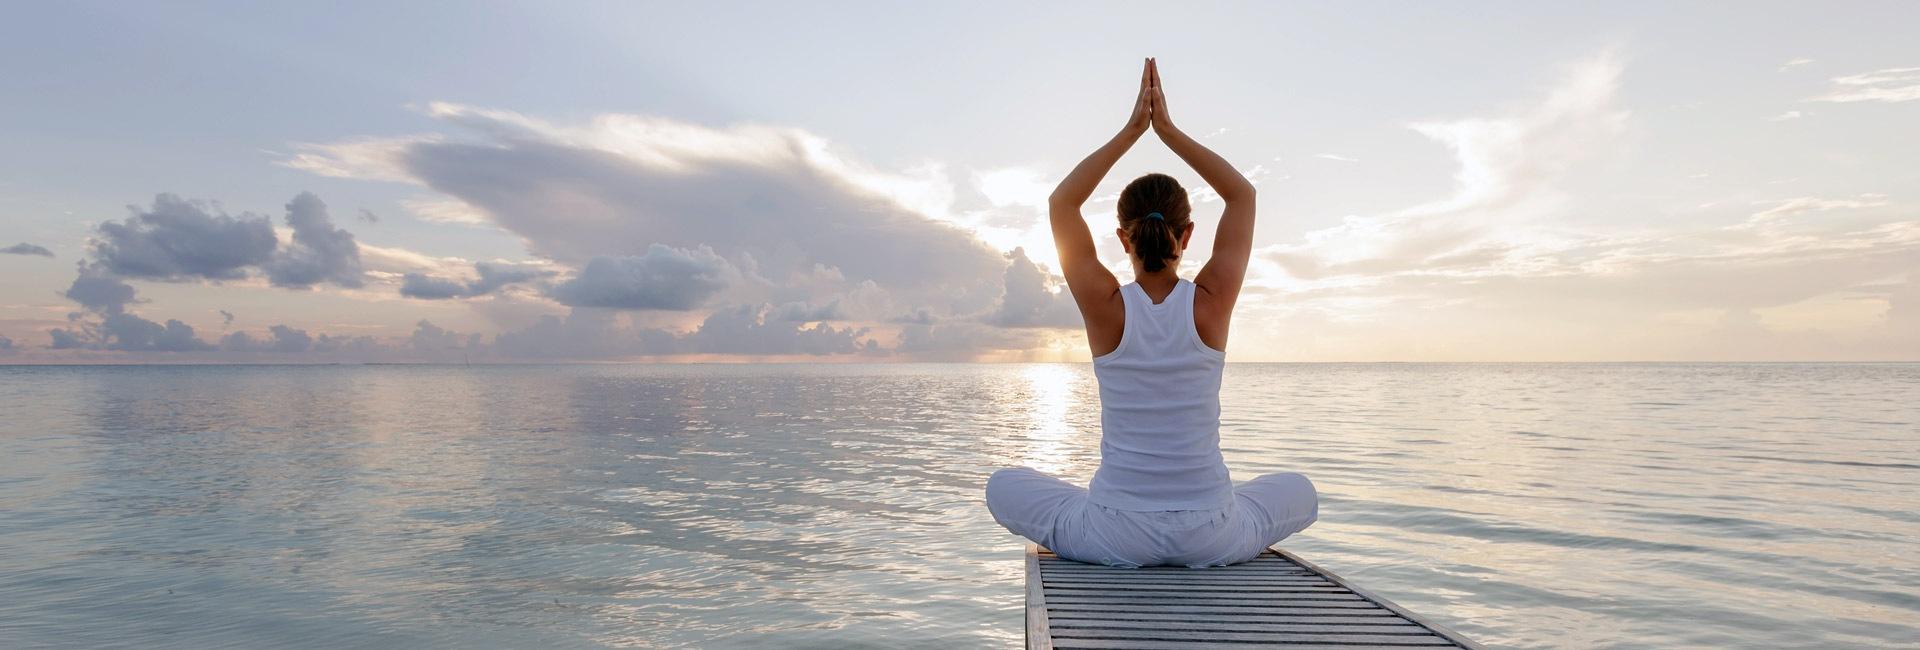 Wellness Relaxation holidays in Zakynthos Zante